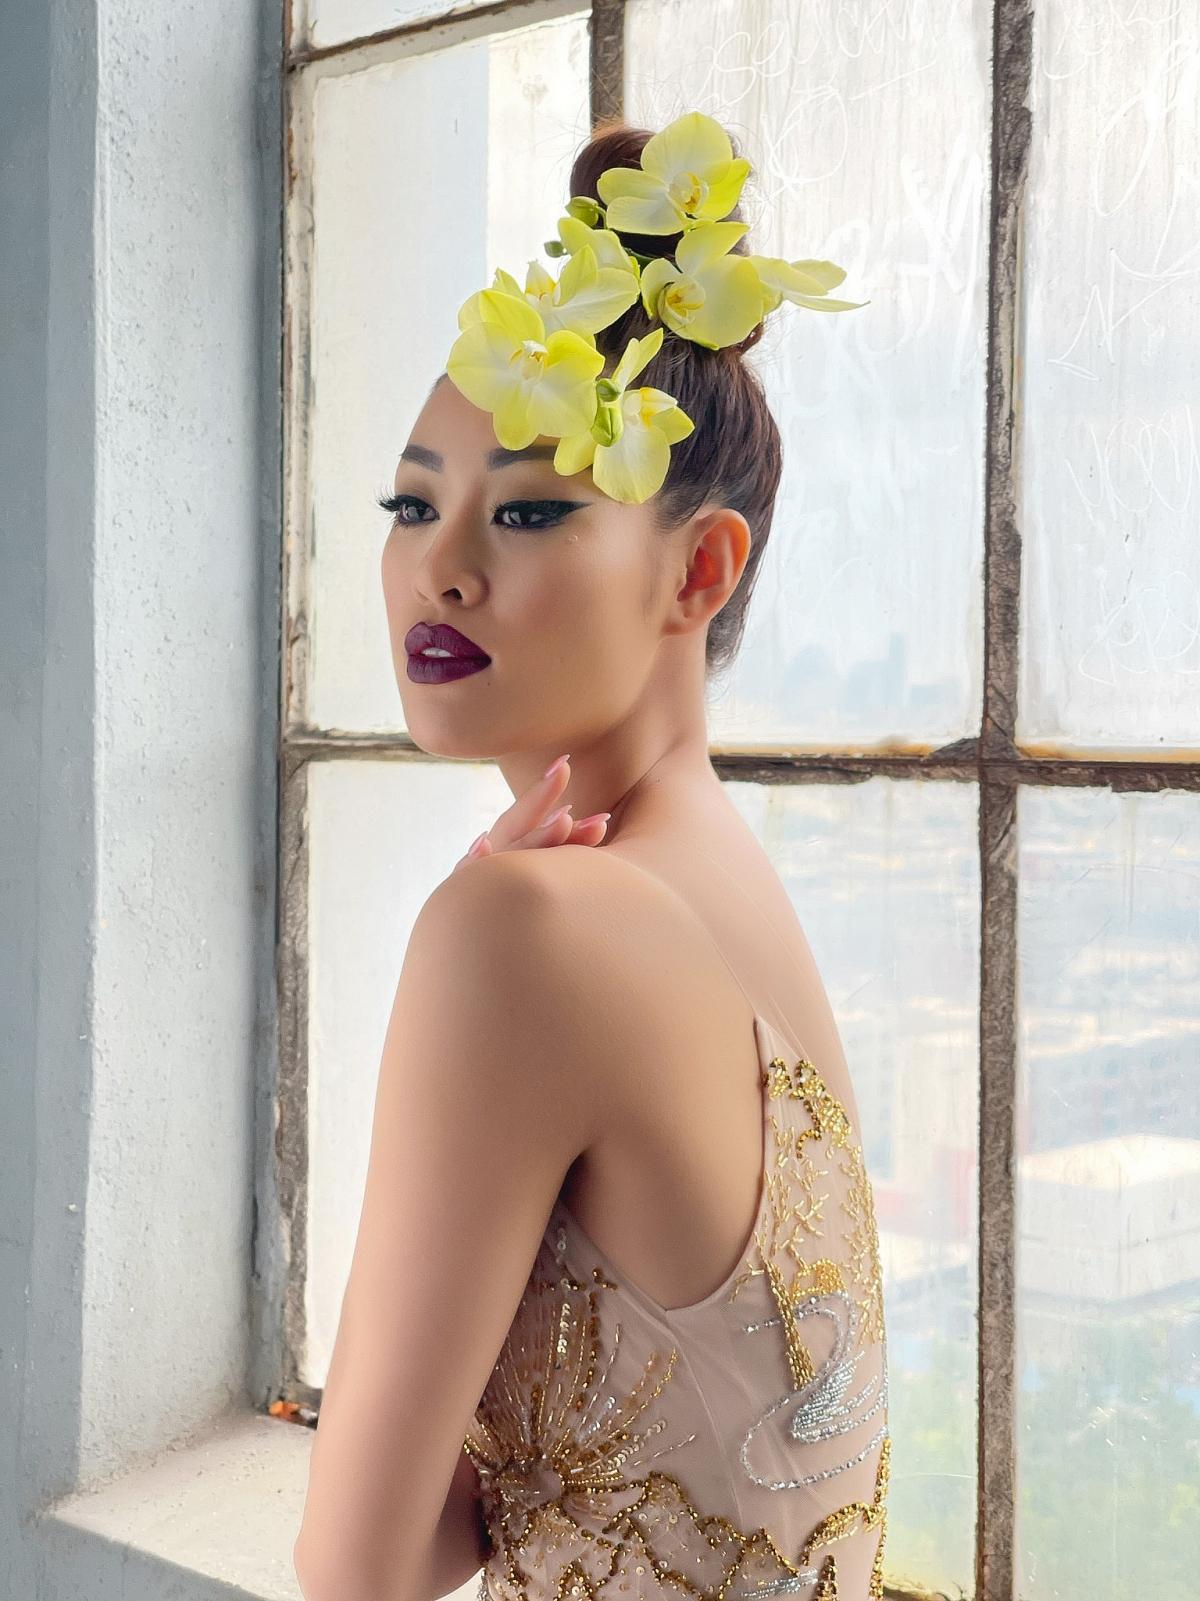 """Bộ ảnh chính thức """"Tôn vinh vẻ đẹp Á châu"""" sẽ sớm được công bố với khán giả trong thời gian tới. Hiện, Khánh Vân vẫn tiếp tục với các kế hoạch tại Mỹ trước khi trở về Việt Nam./."""